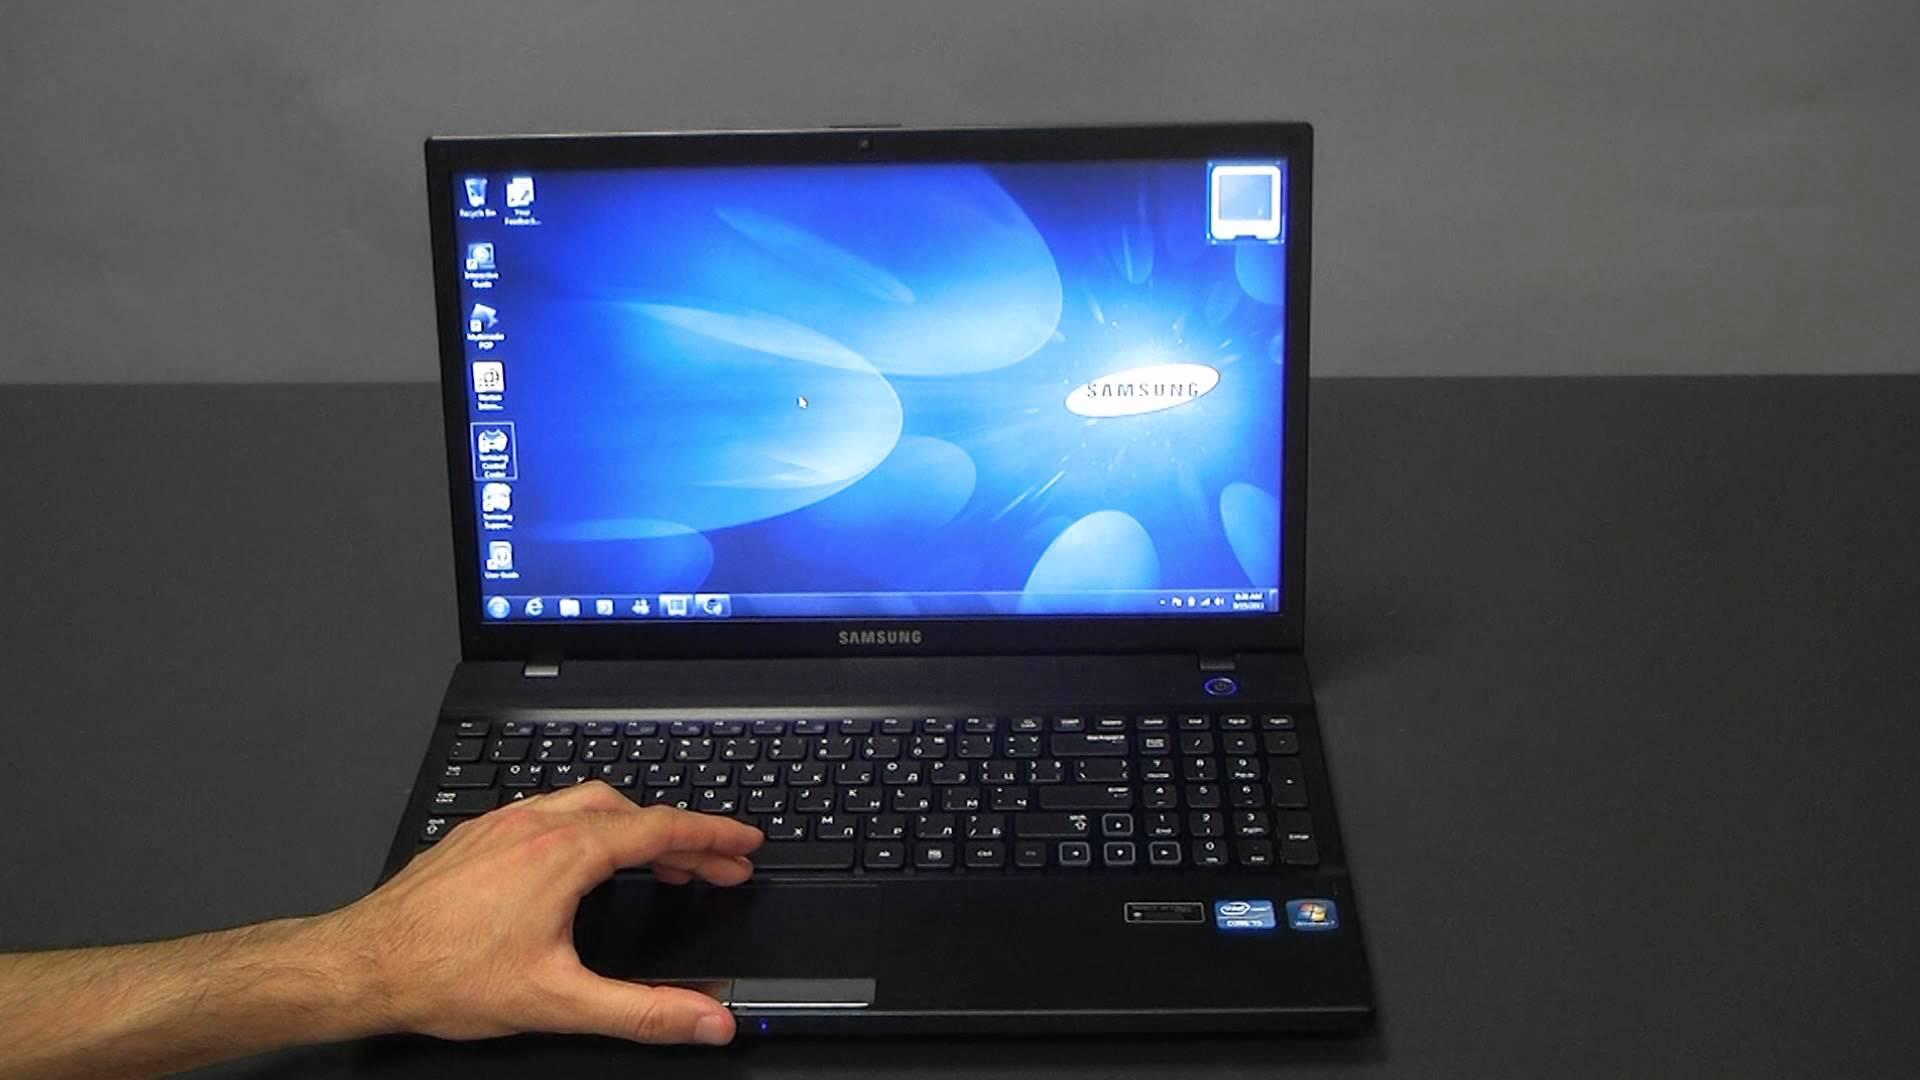 bán laptop cũ samsung e300 giá rẻ tại hà nội